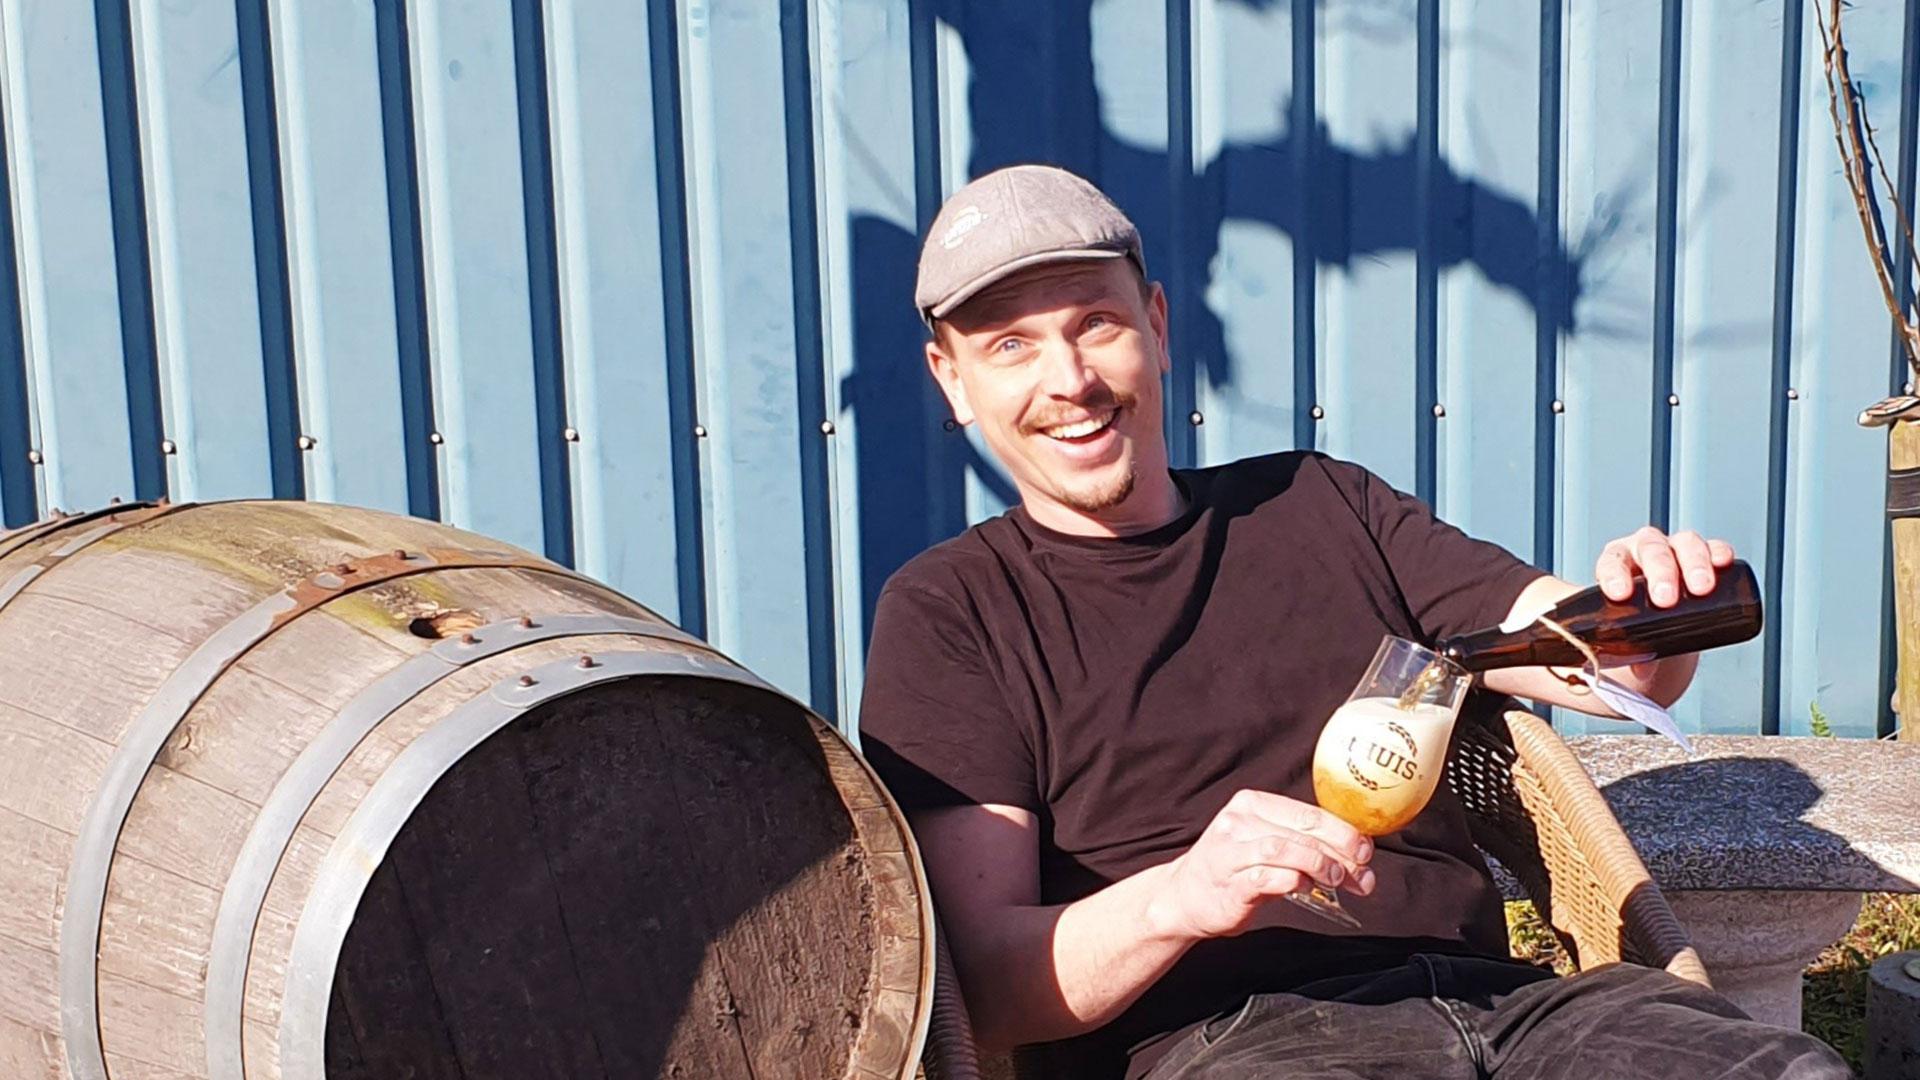 eigenaar Mark zit op het terras een biertje van zijn eigen ambachteljike brouwerij tHuis in te schenken in Midden-Delfland